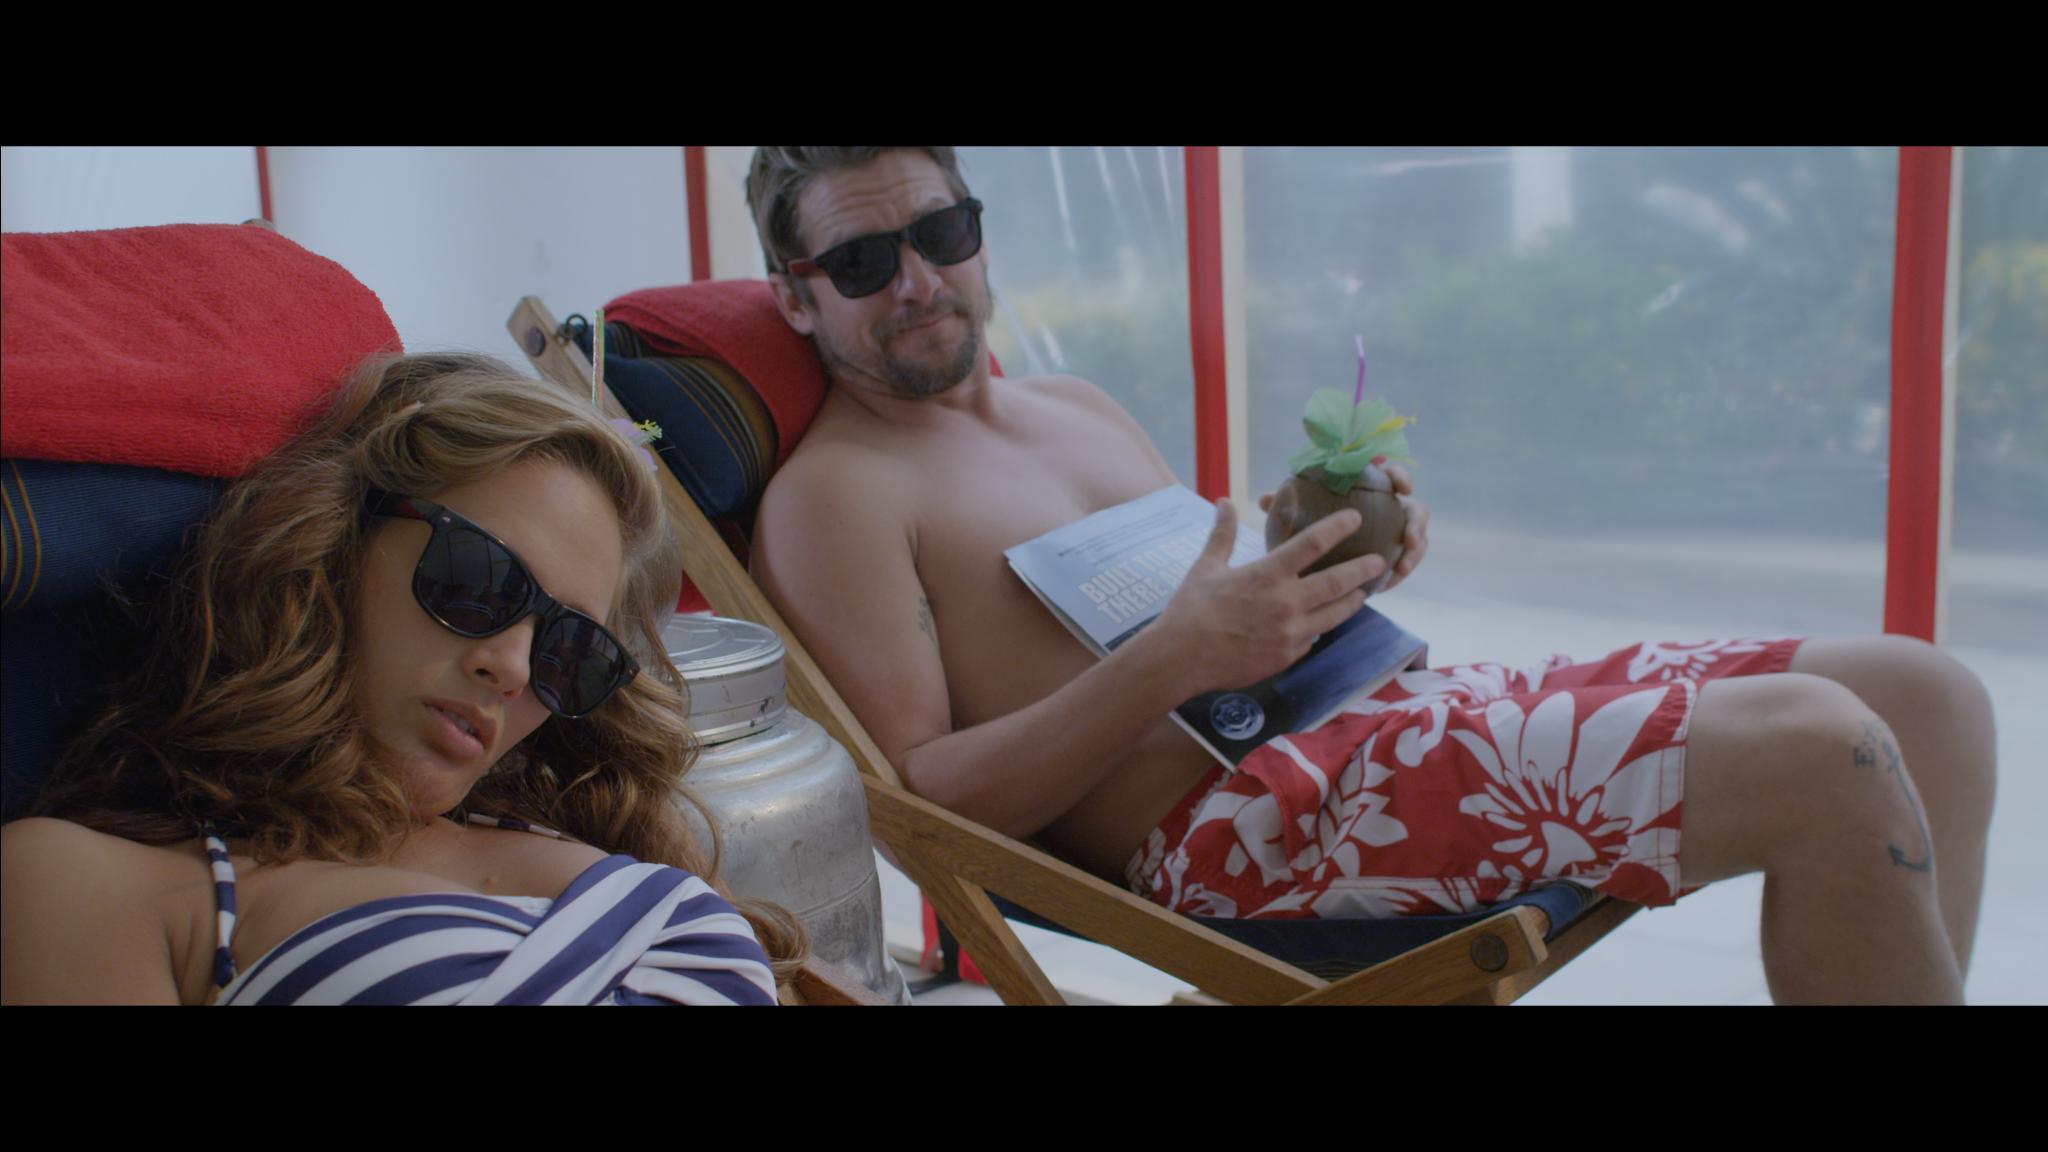 Zachary Knighton and Jessica Dykstra in Hot (2016)